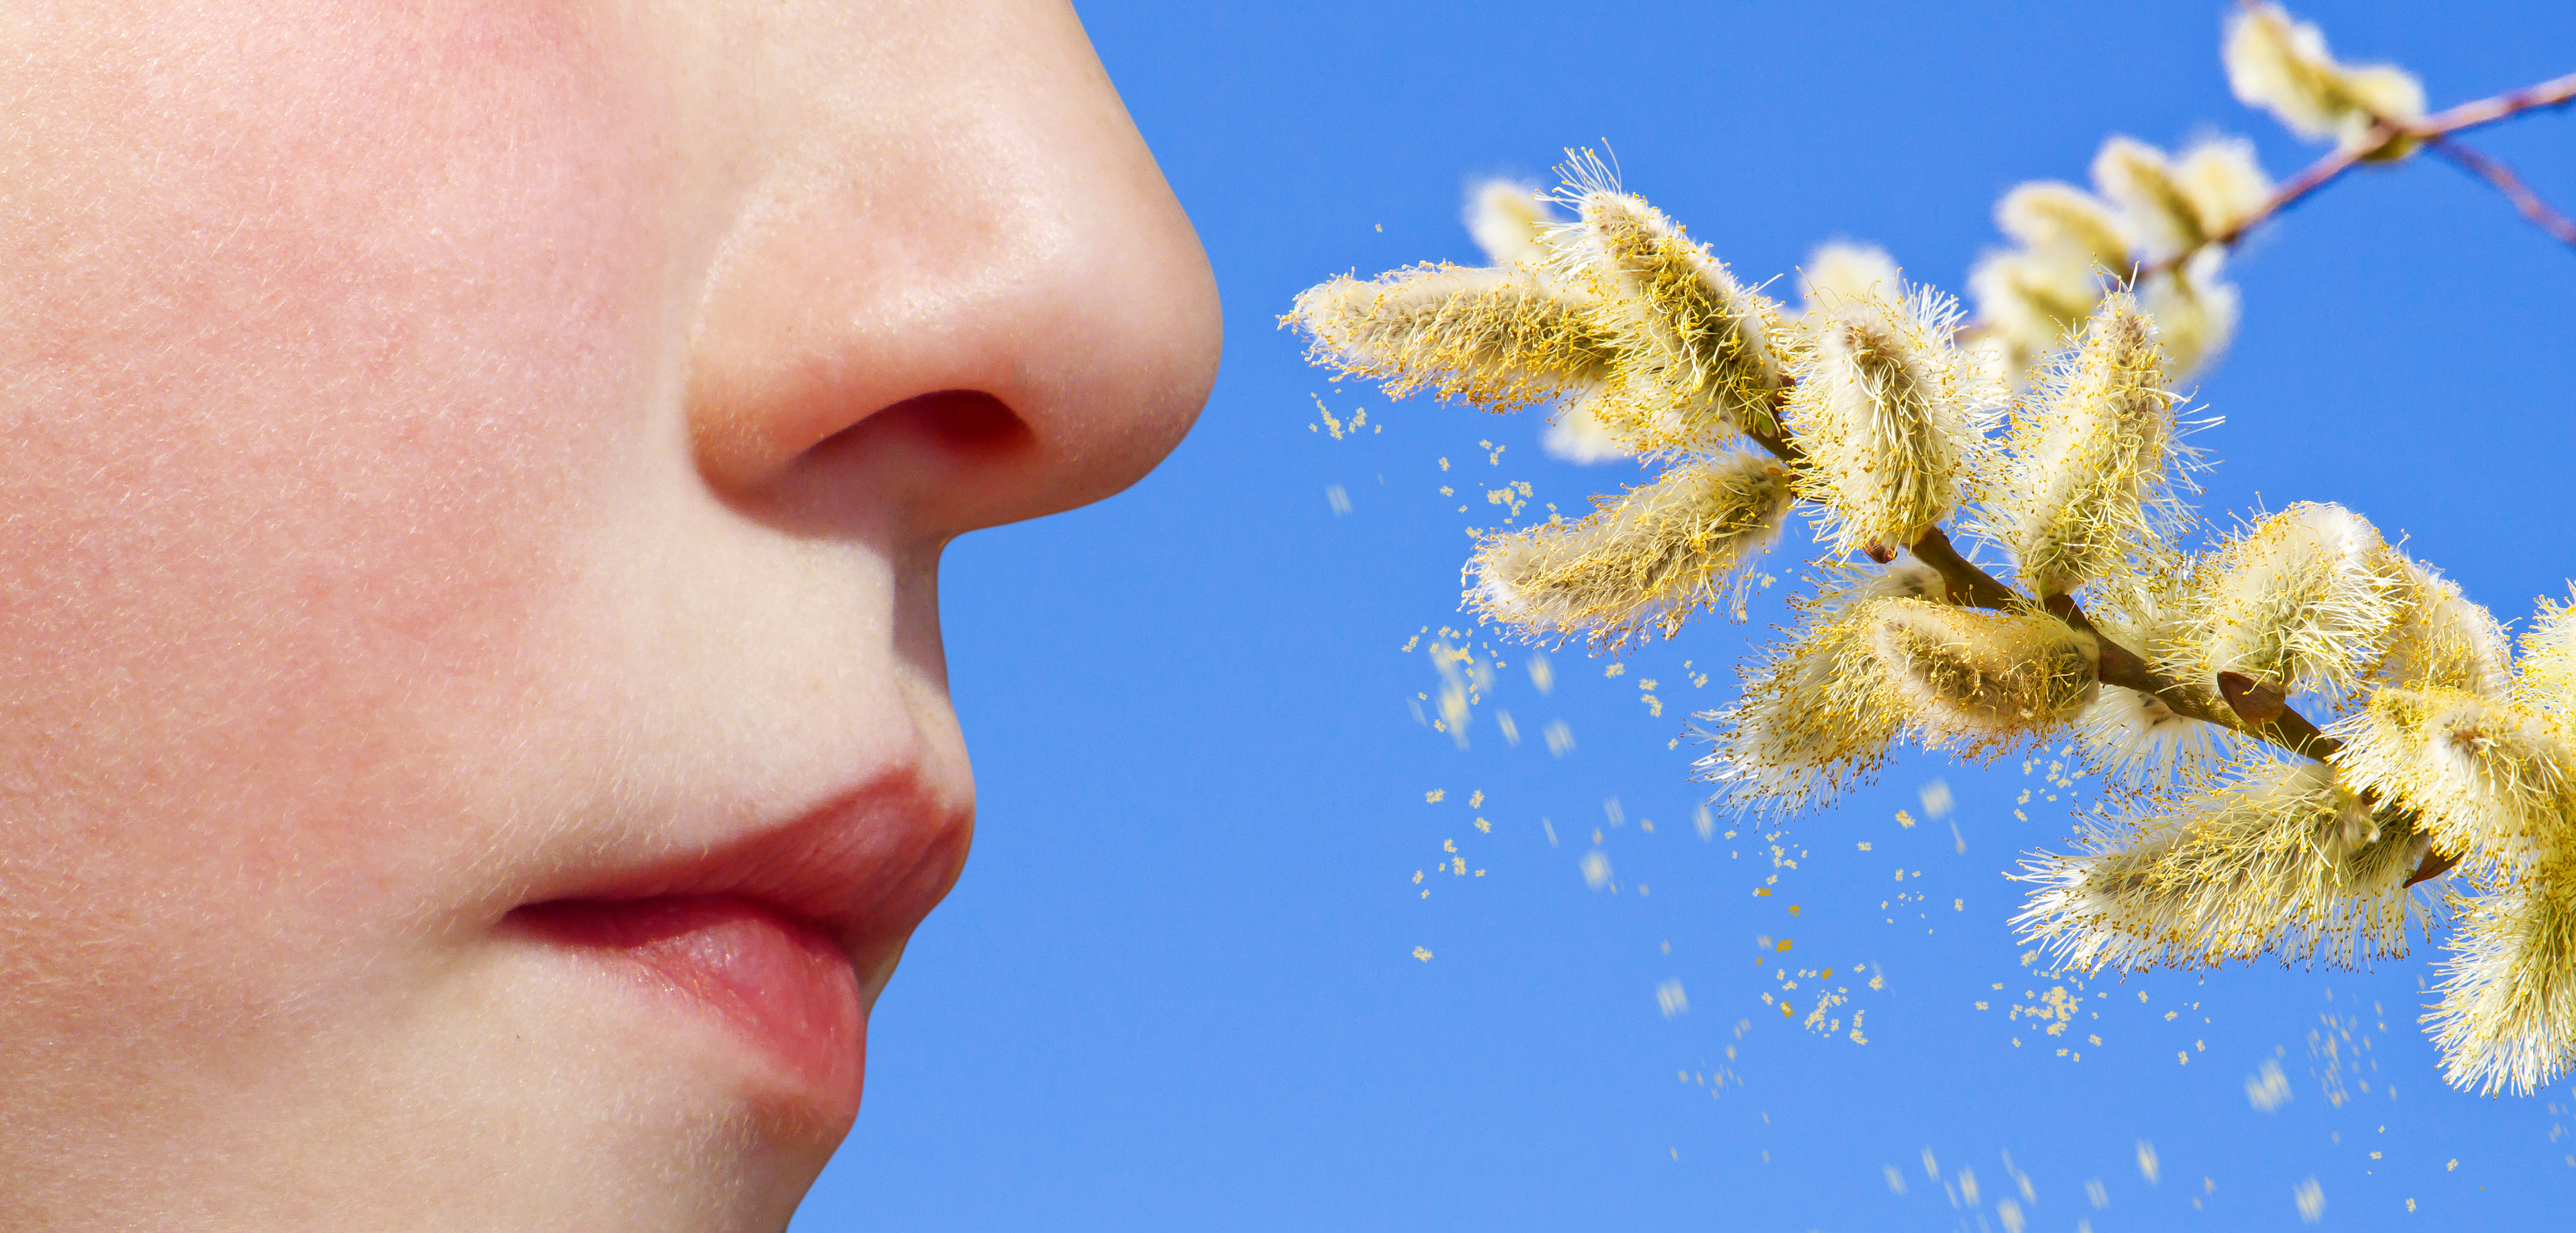 institut pasteur - allergies